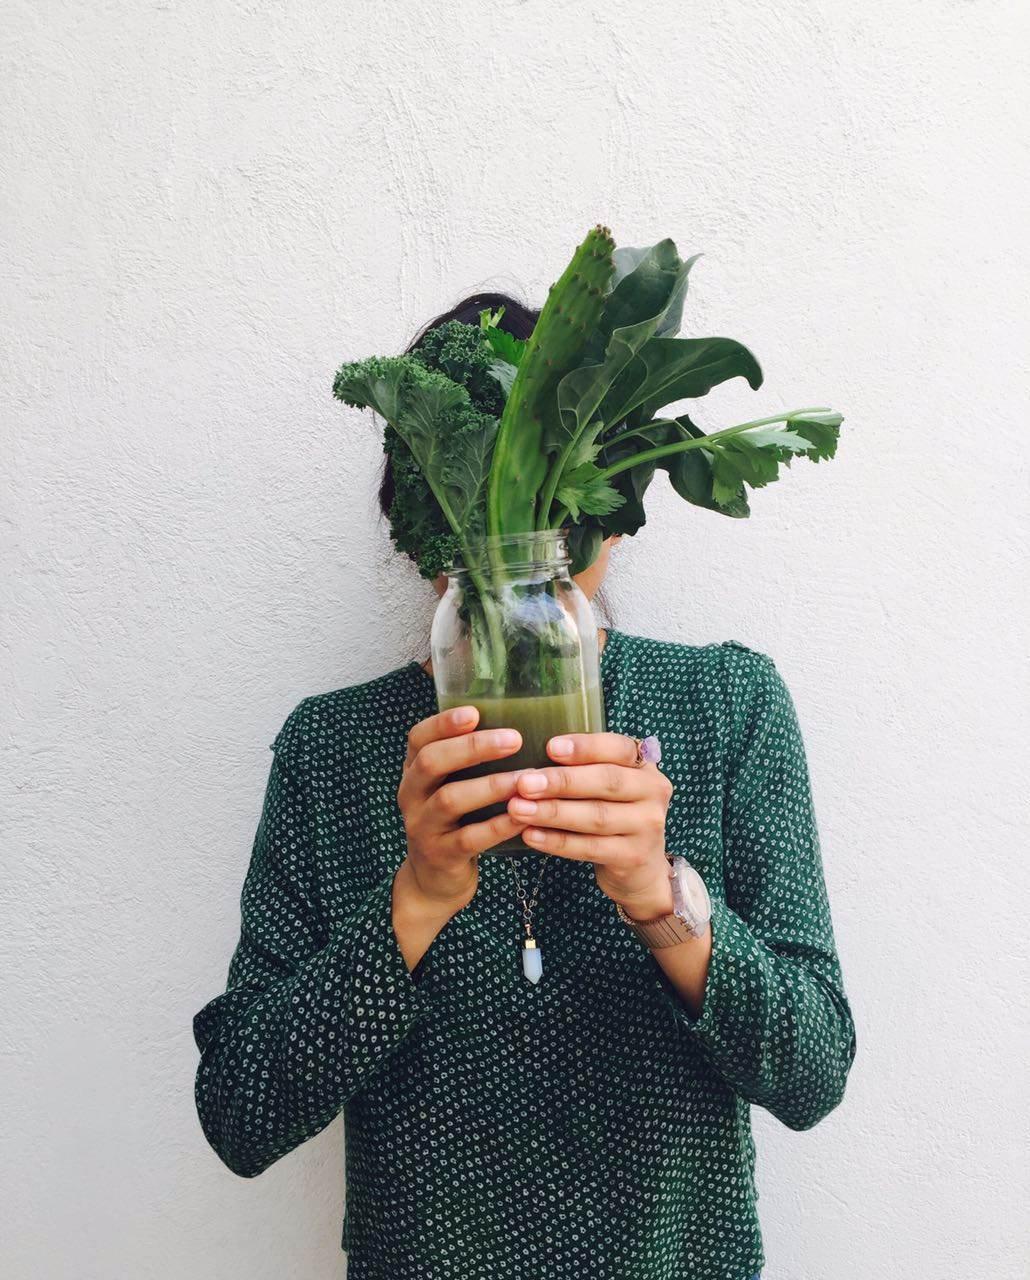 Persona sosteniendo un jugo verde